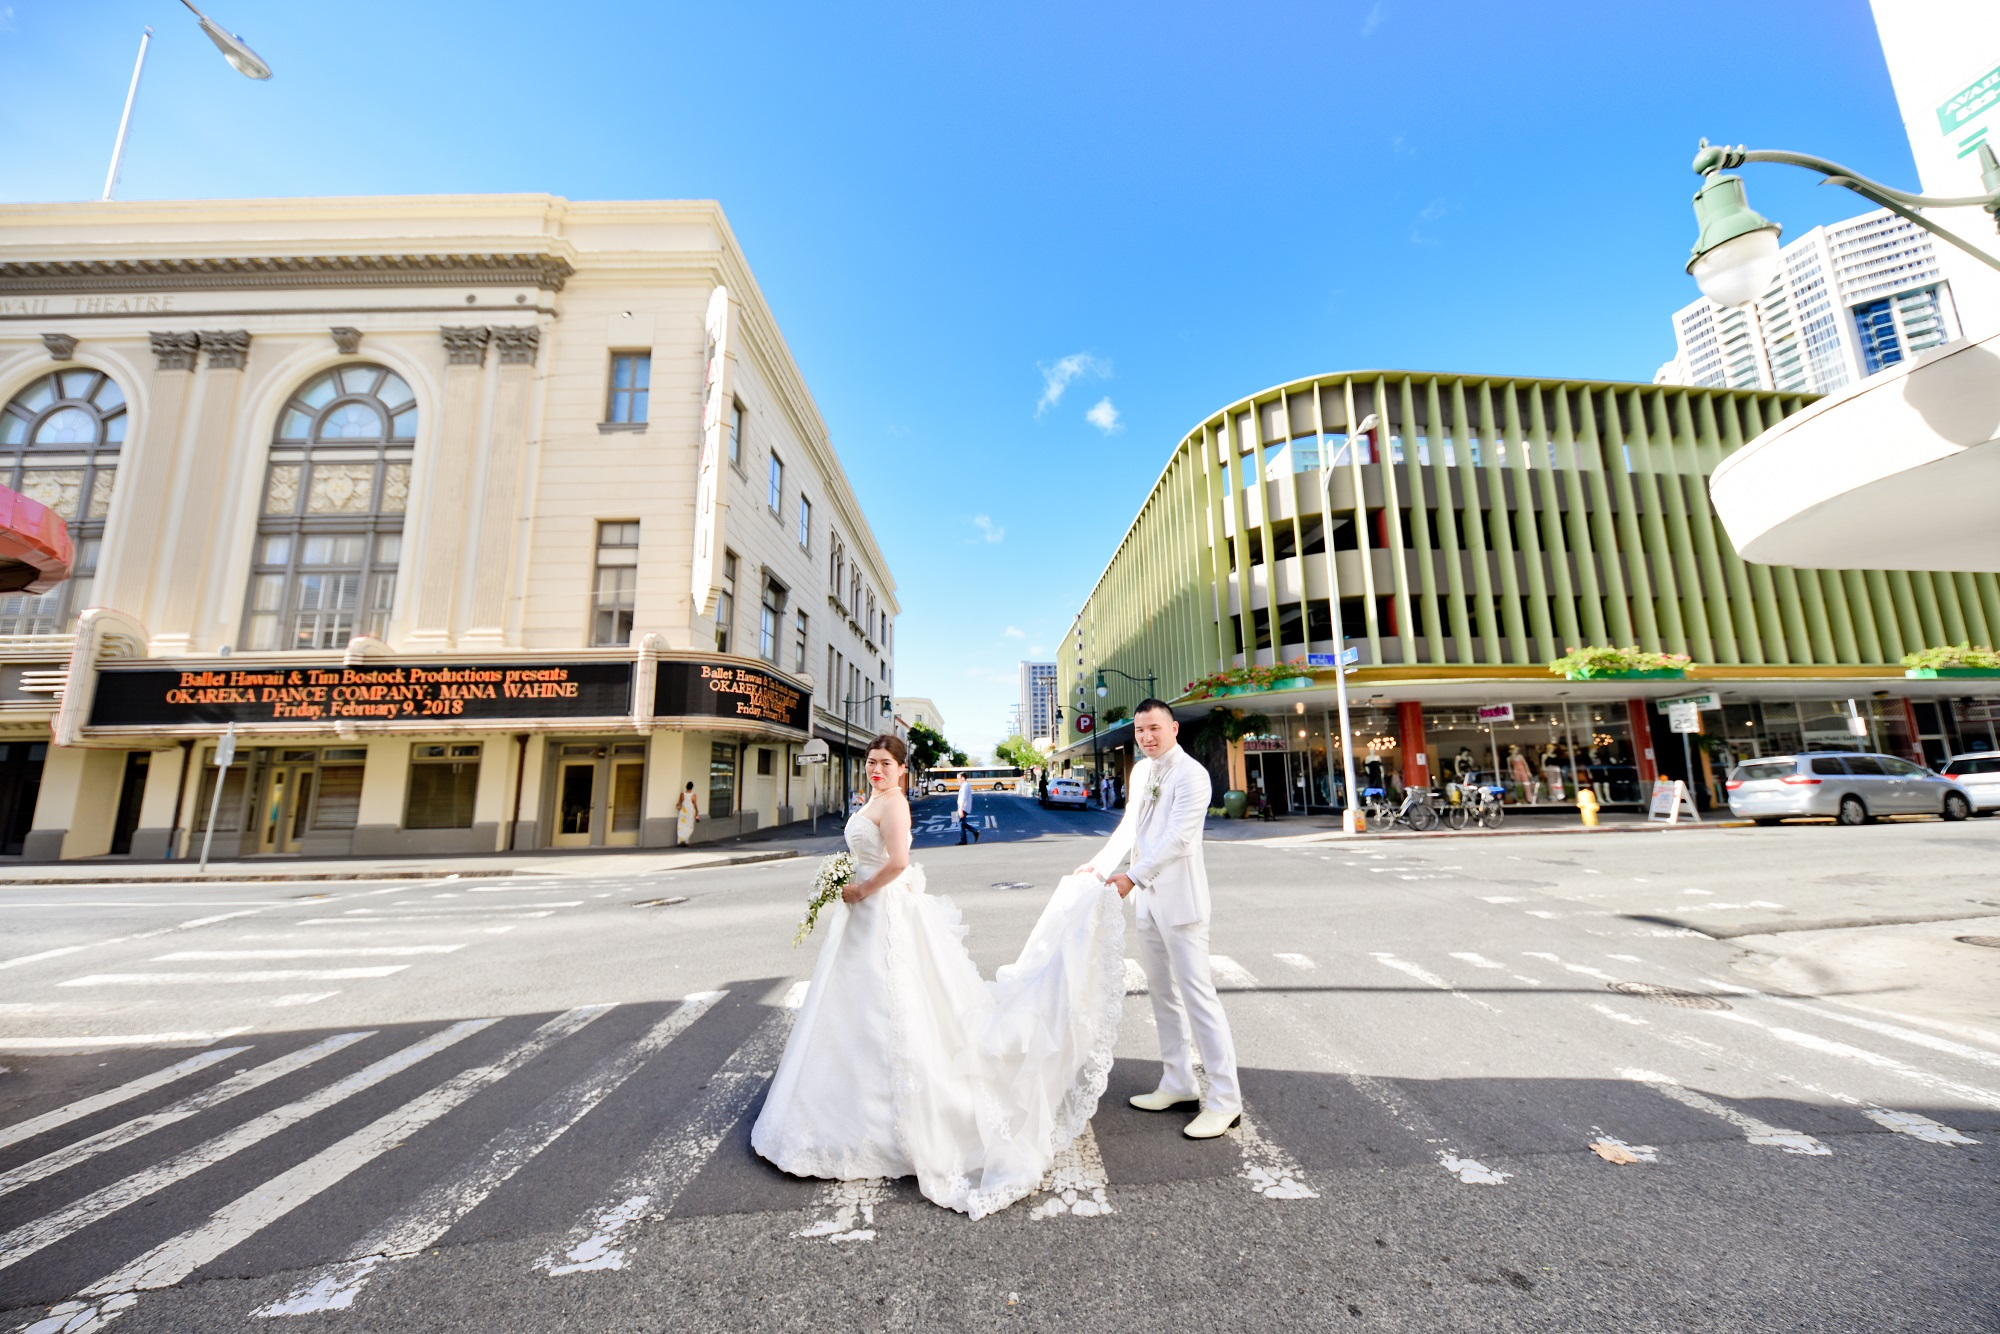 ハワイでの結婚式の風景8つ目